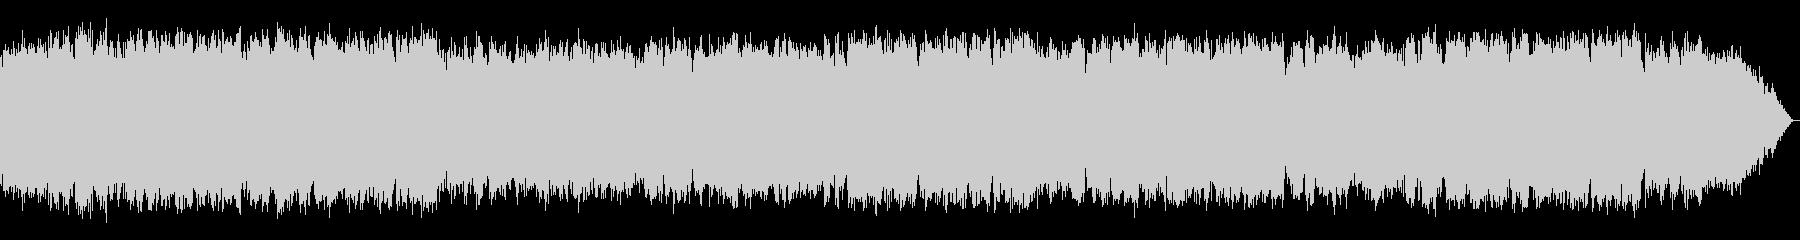 少し冷たい風のイメージ 竹笛のメロディの未再生の波形